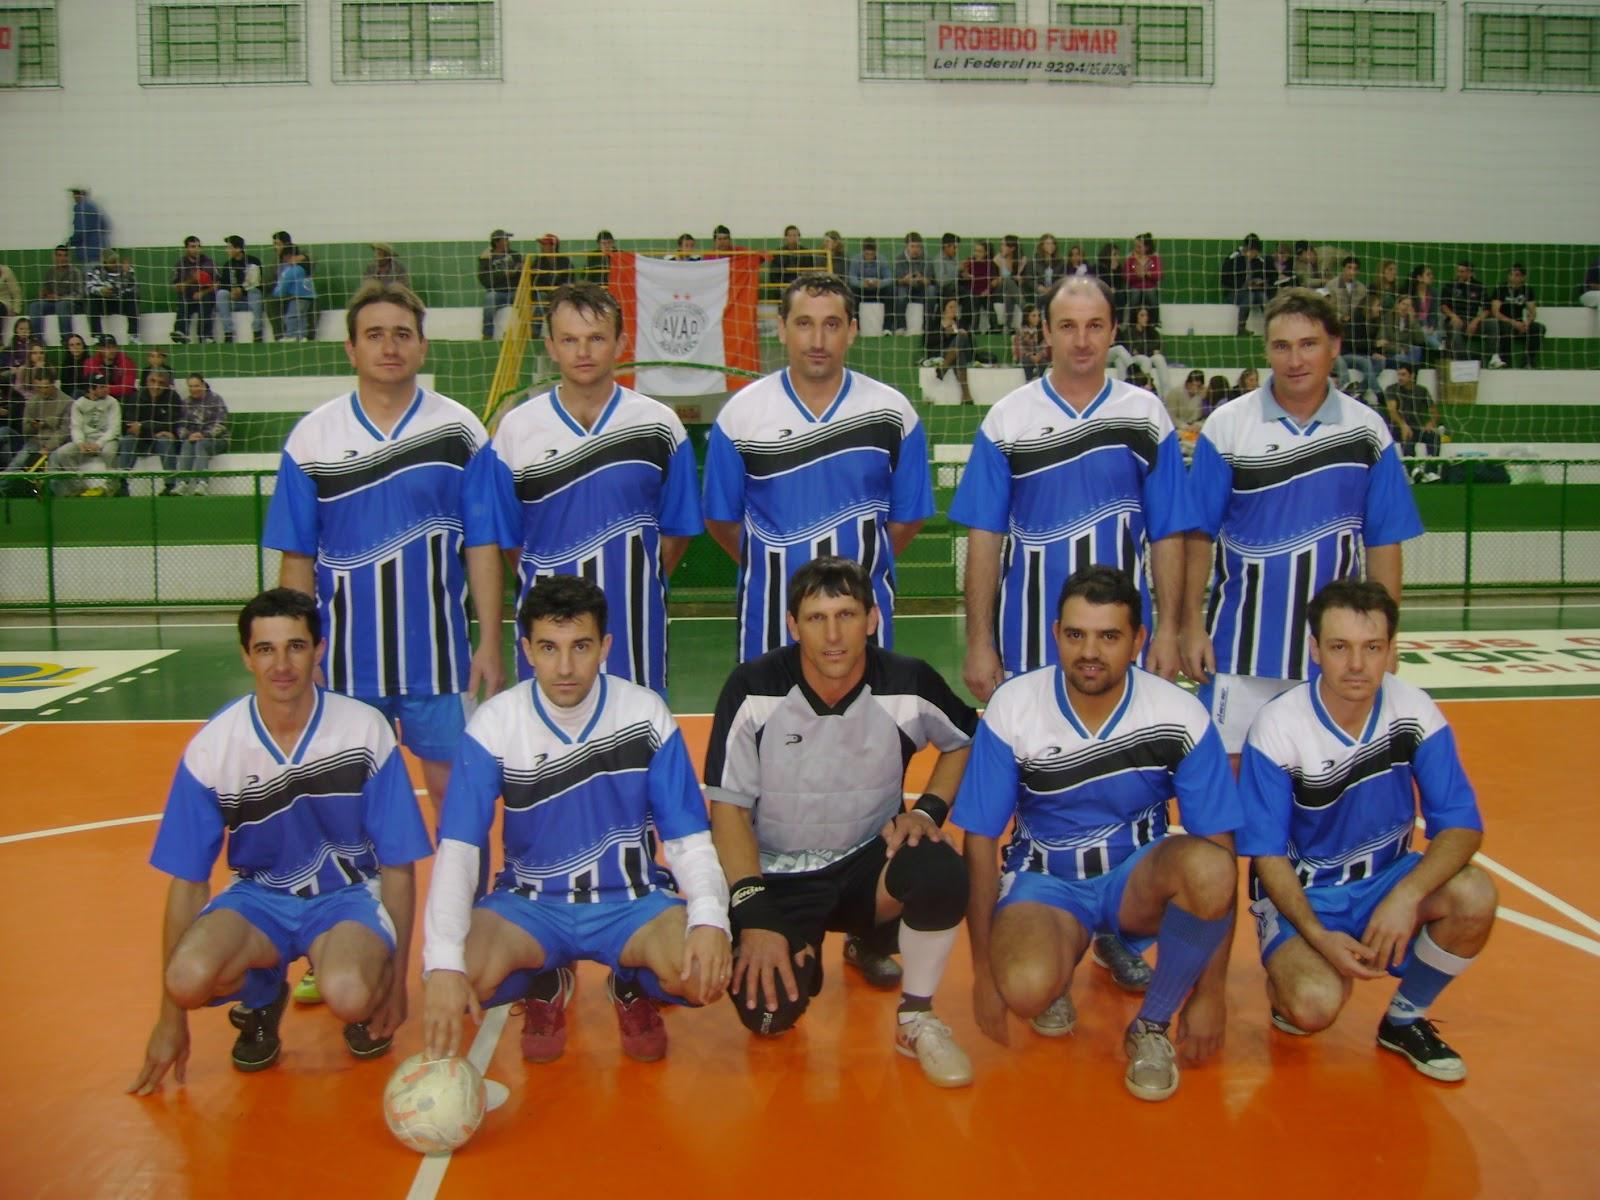 Bahamas Campeão Municipal de Futsal Feminino 2011 ed5094b405c66